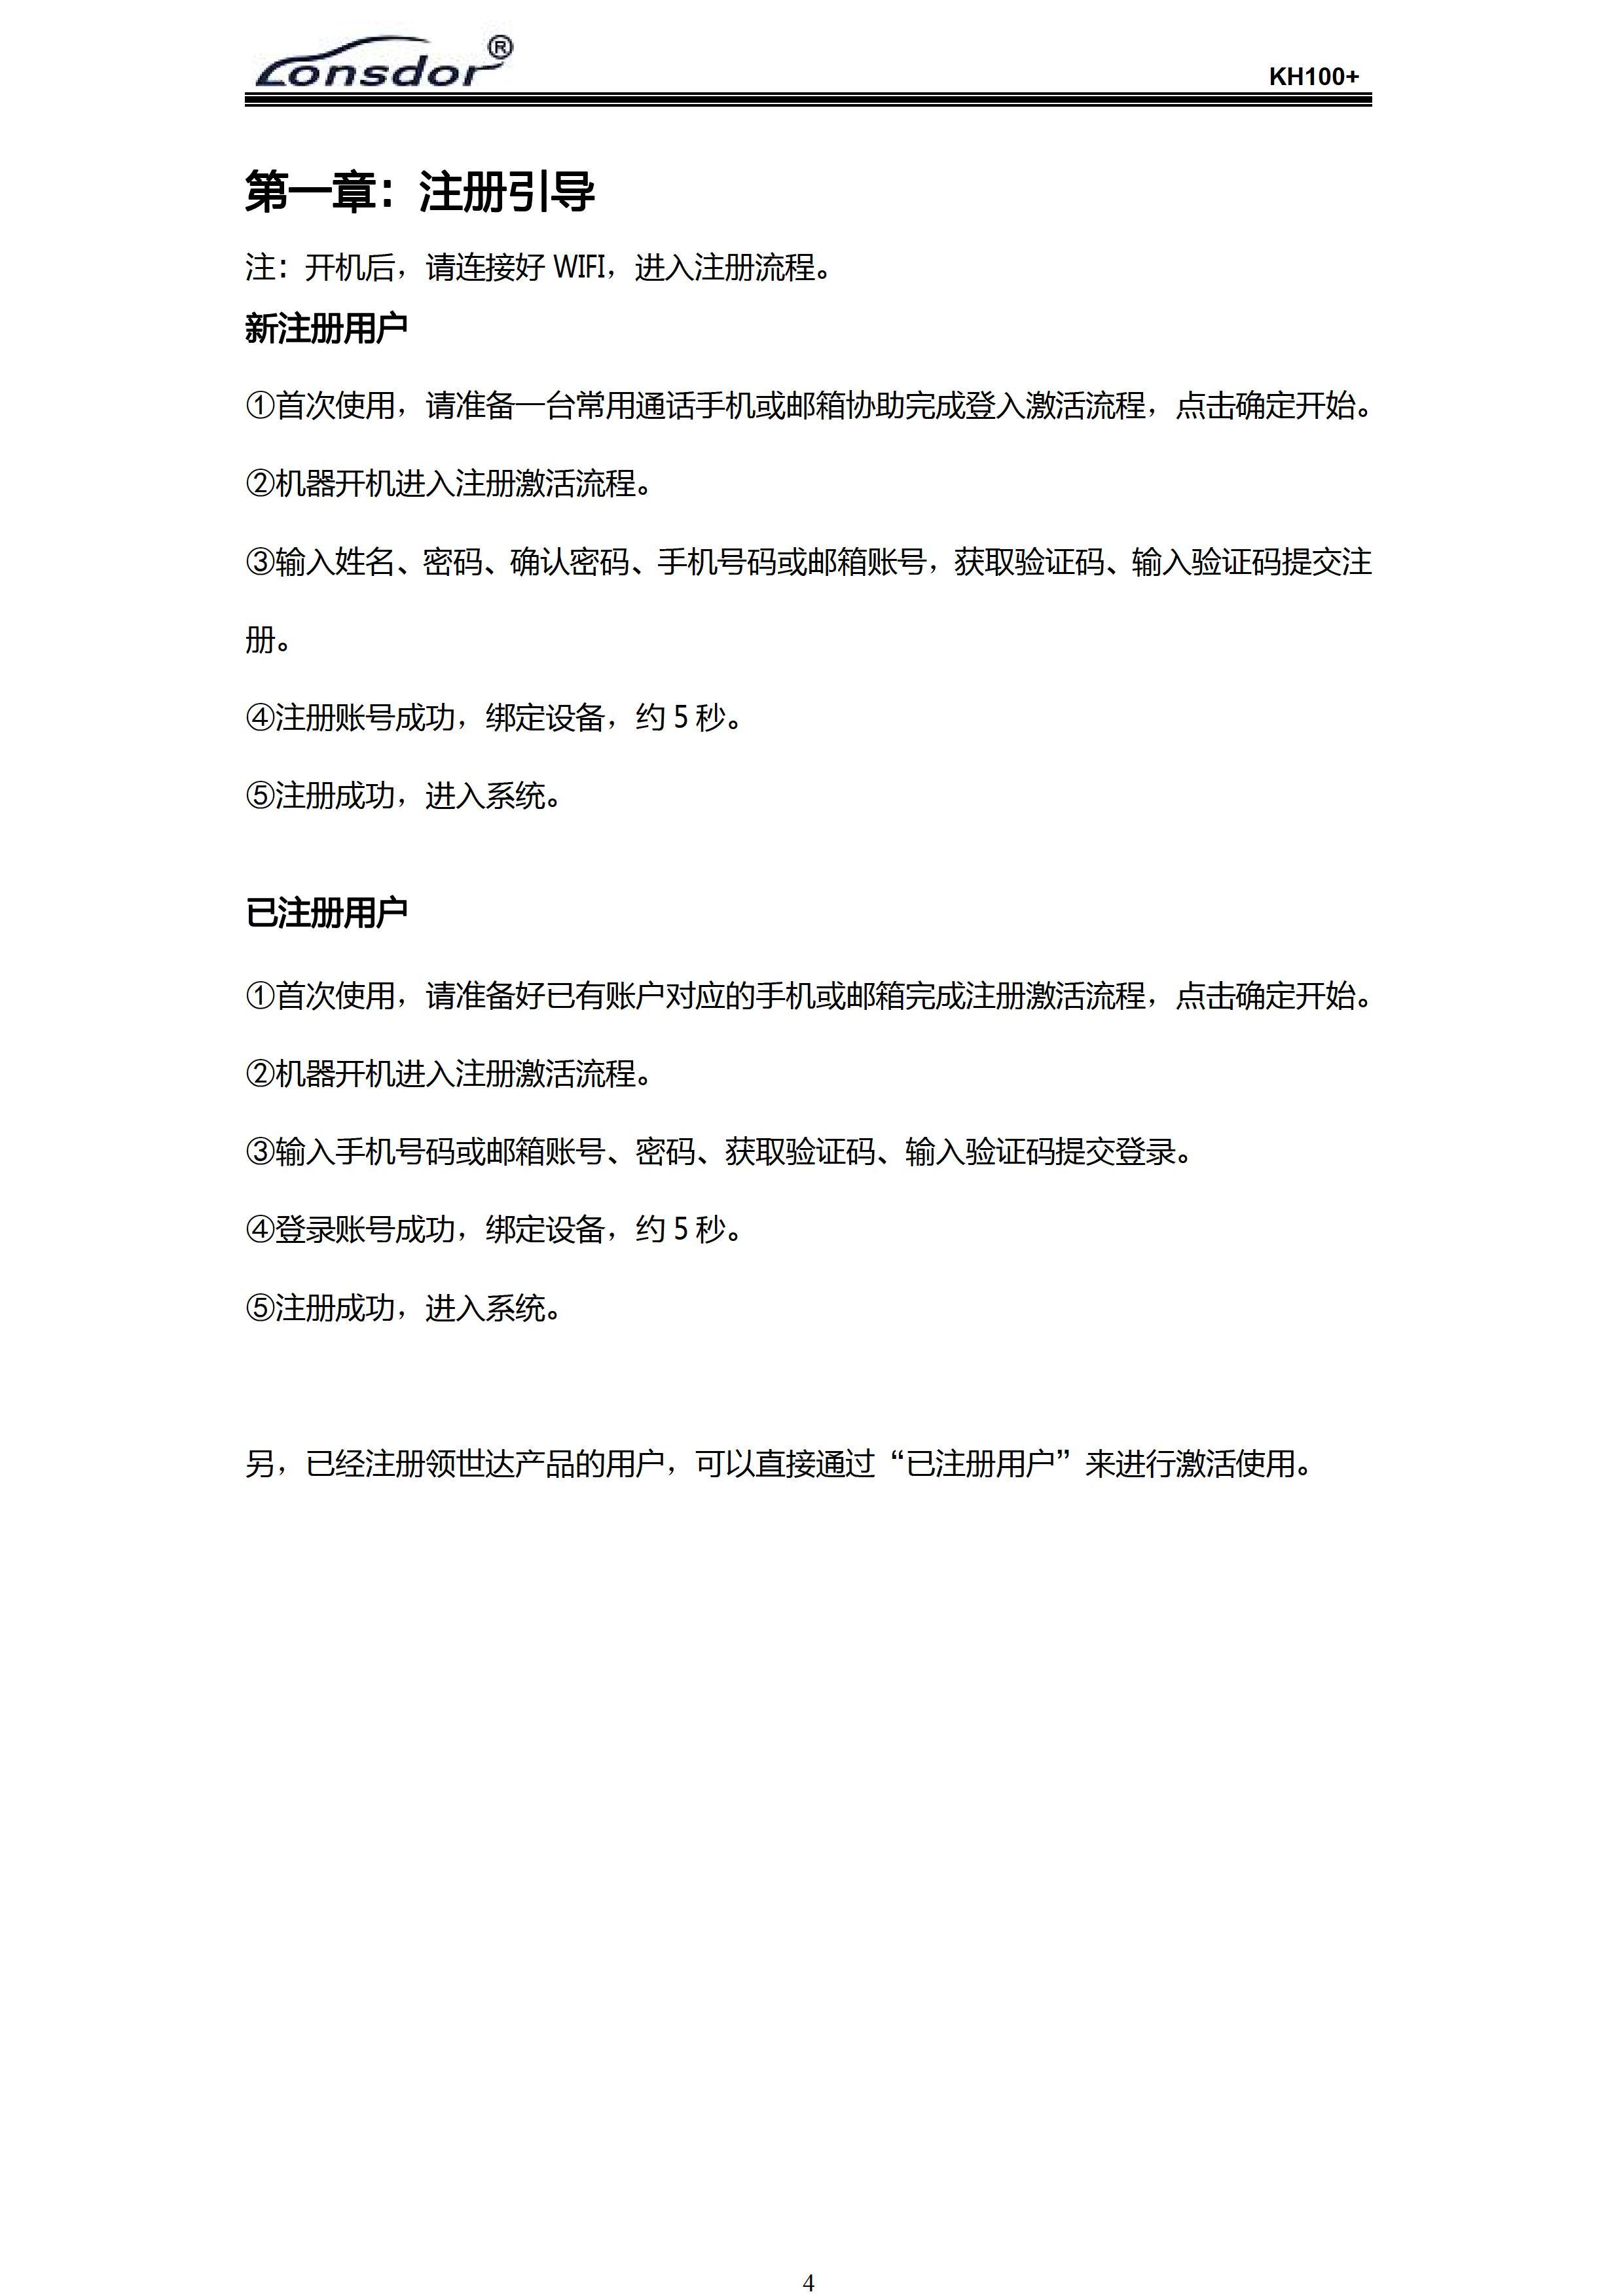 KH100说明书(110mmX75mm彩色印刷)正式版20200318 - 0005